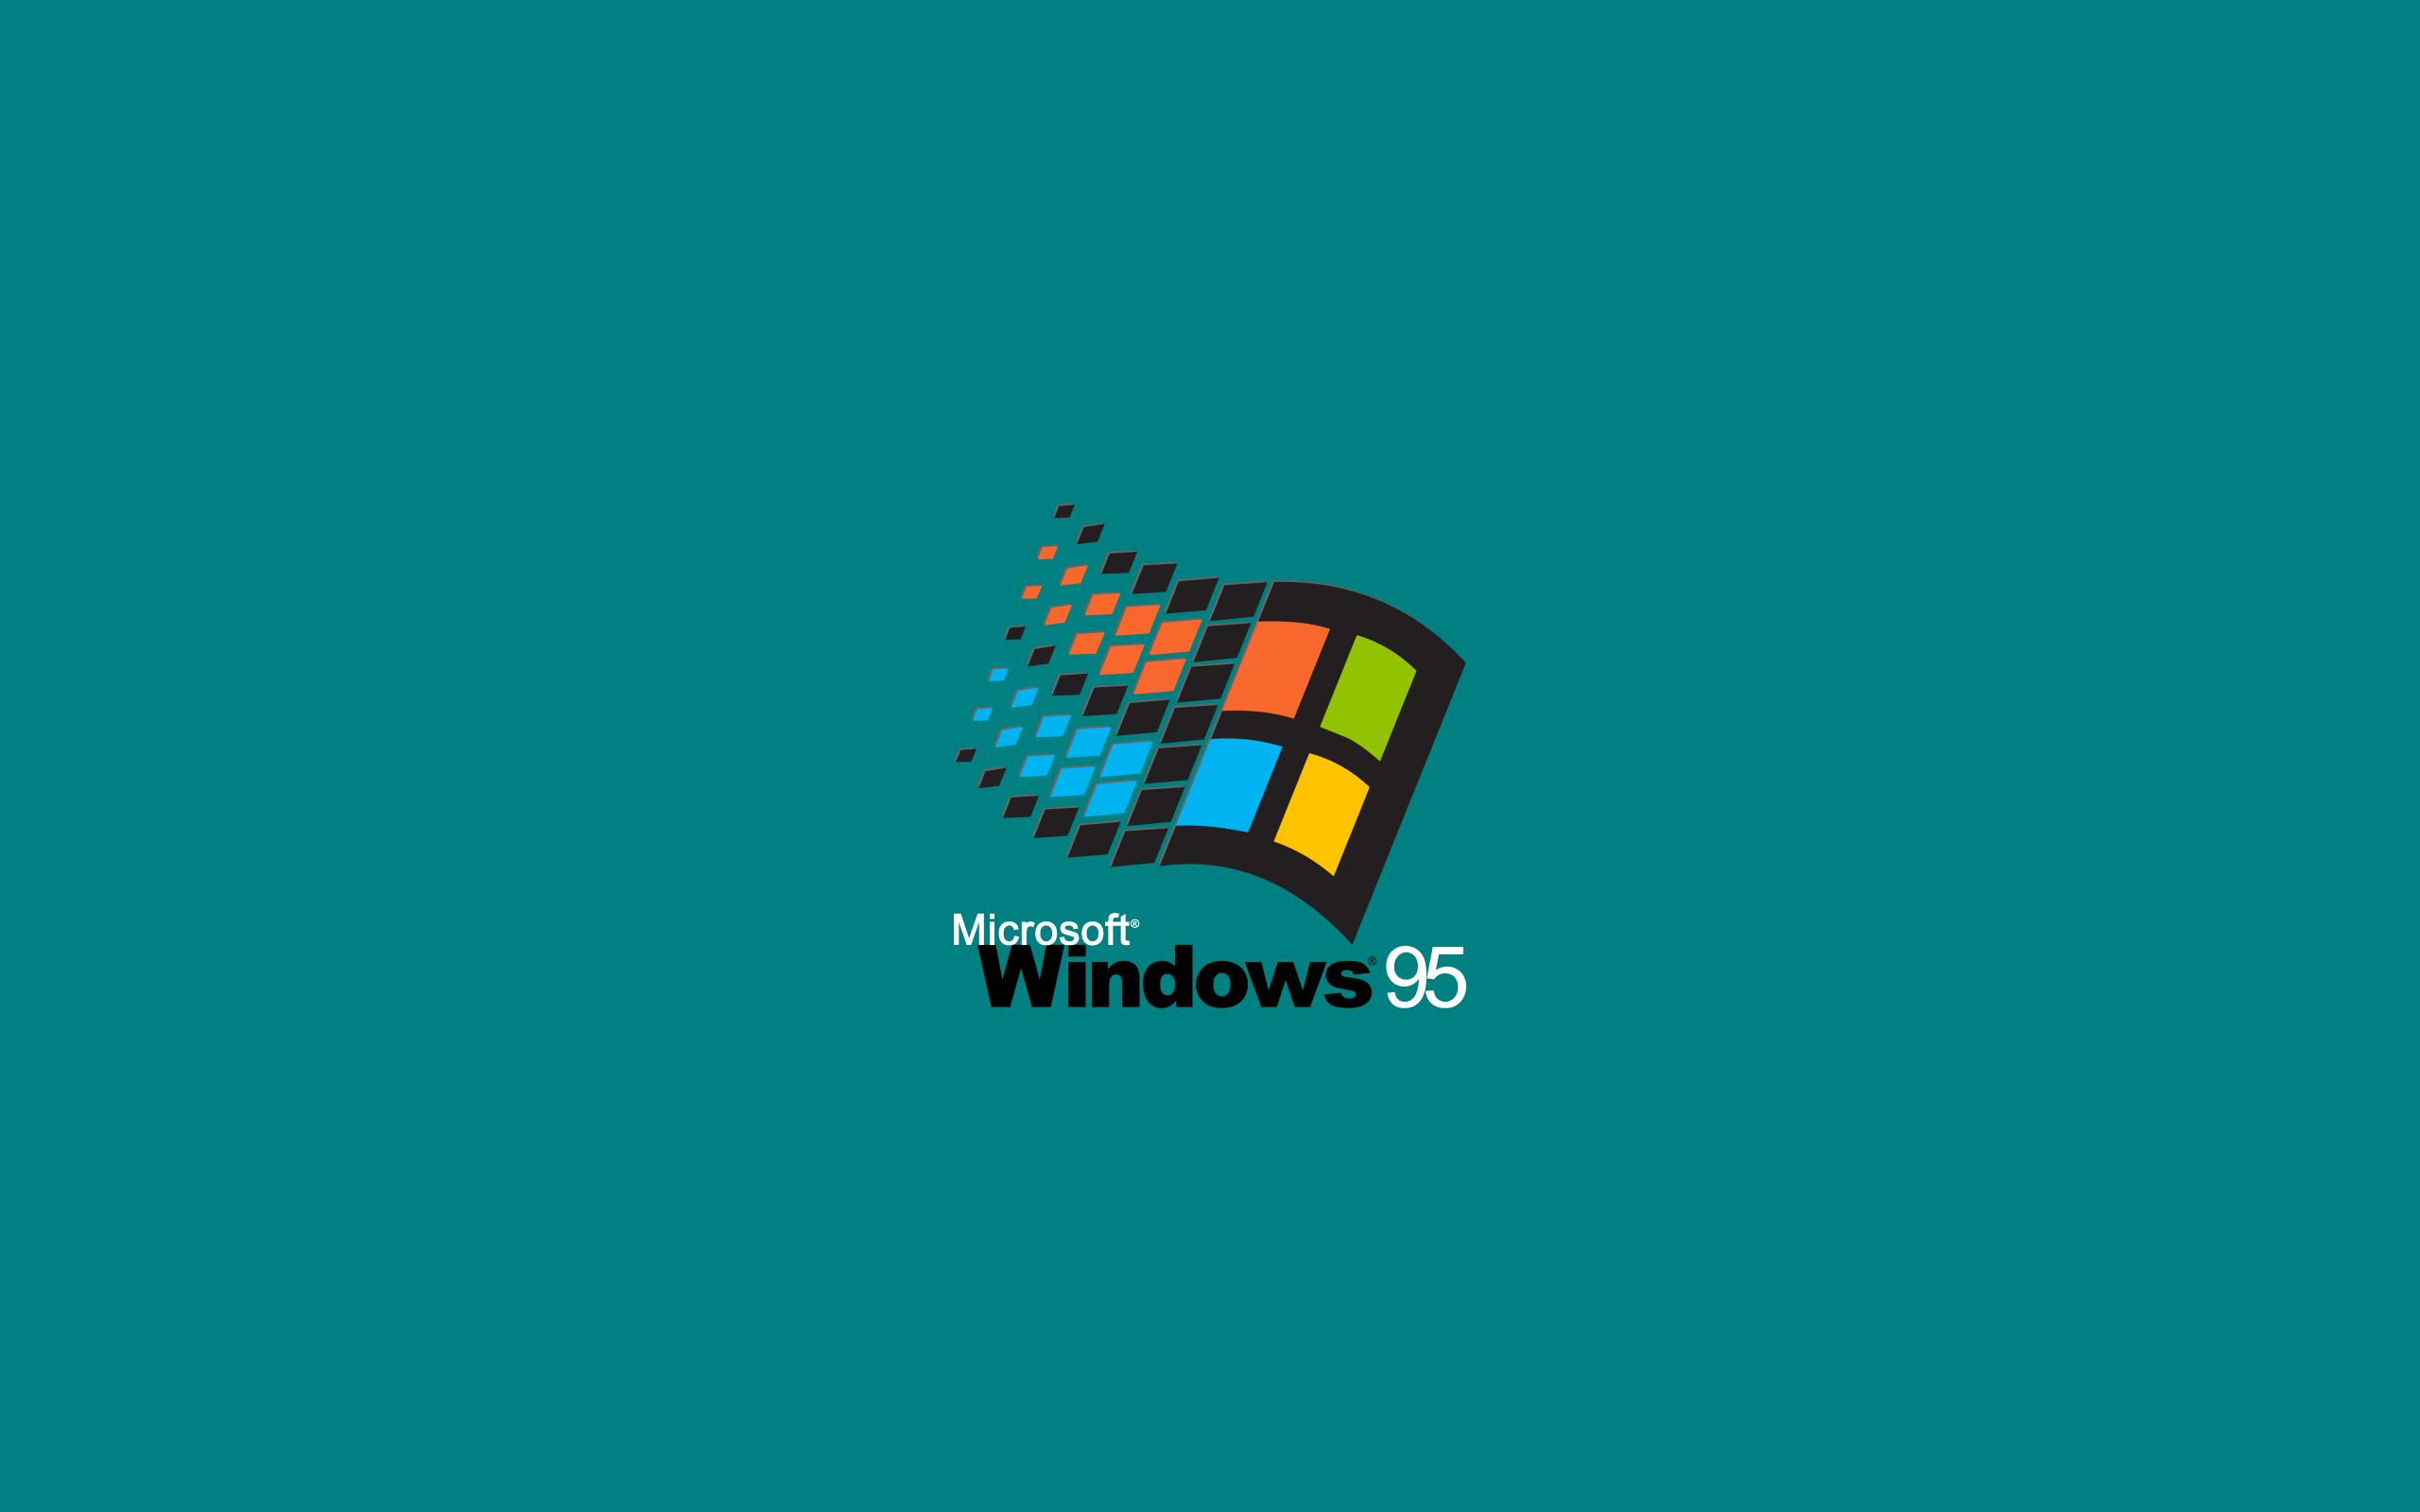 美しい Windows Me 壁紙 Azabuweb Blogspot Com